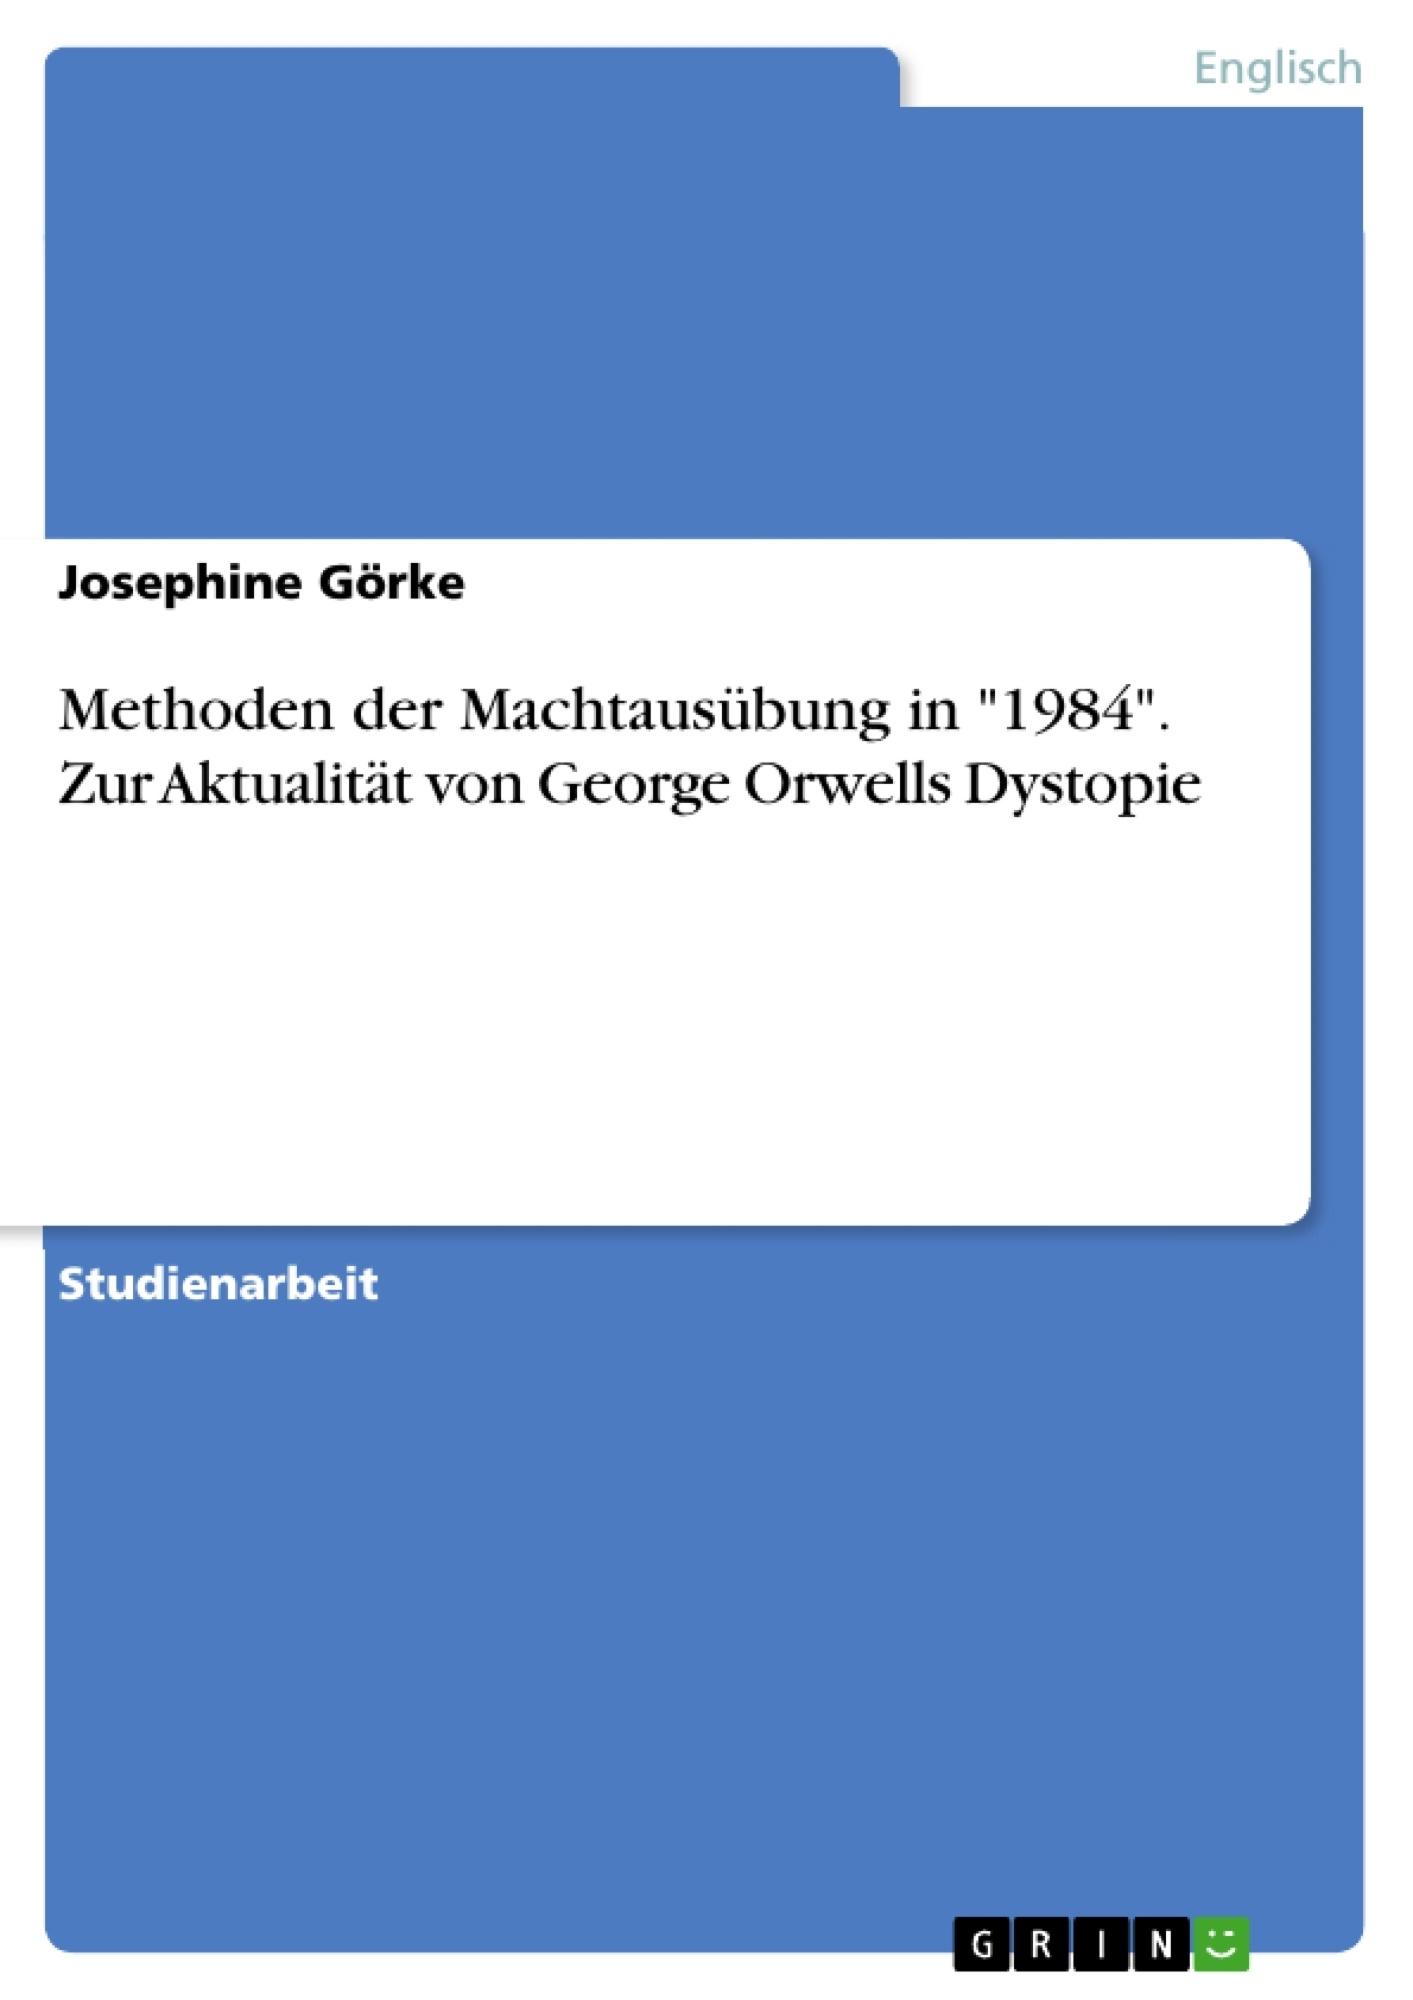 """Titel: Methoden der Machtausübung in """"1984"""". Zur Aktualität von George Orwells Dystopie"""